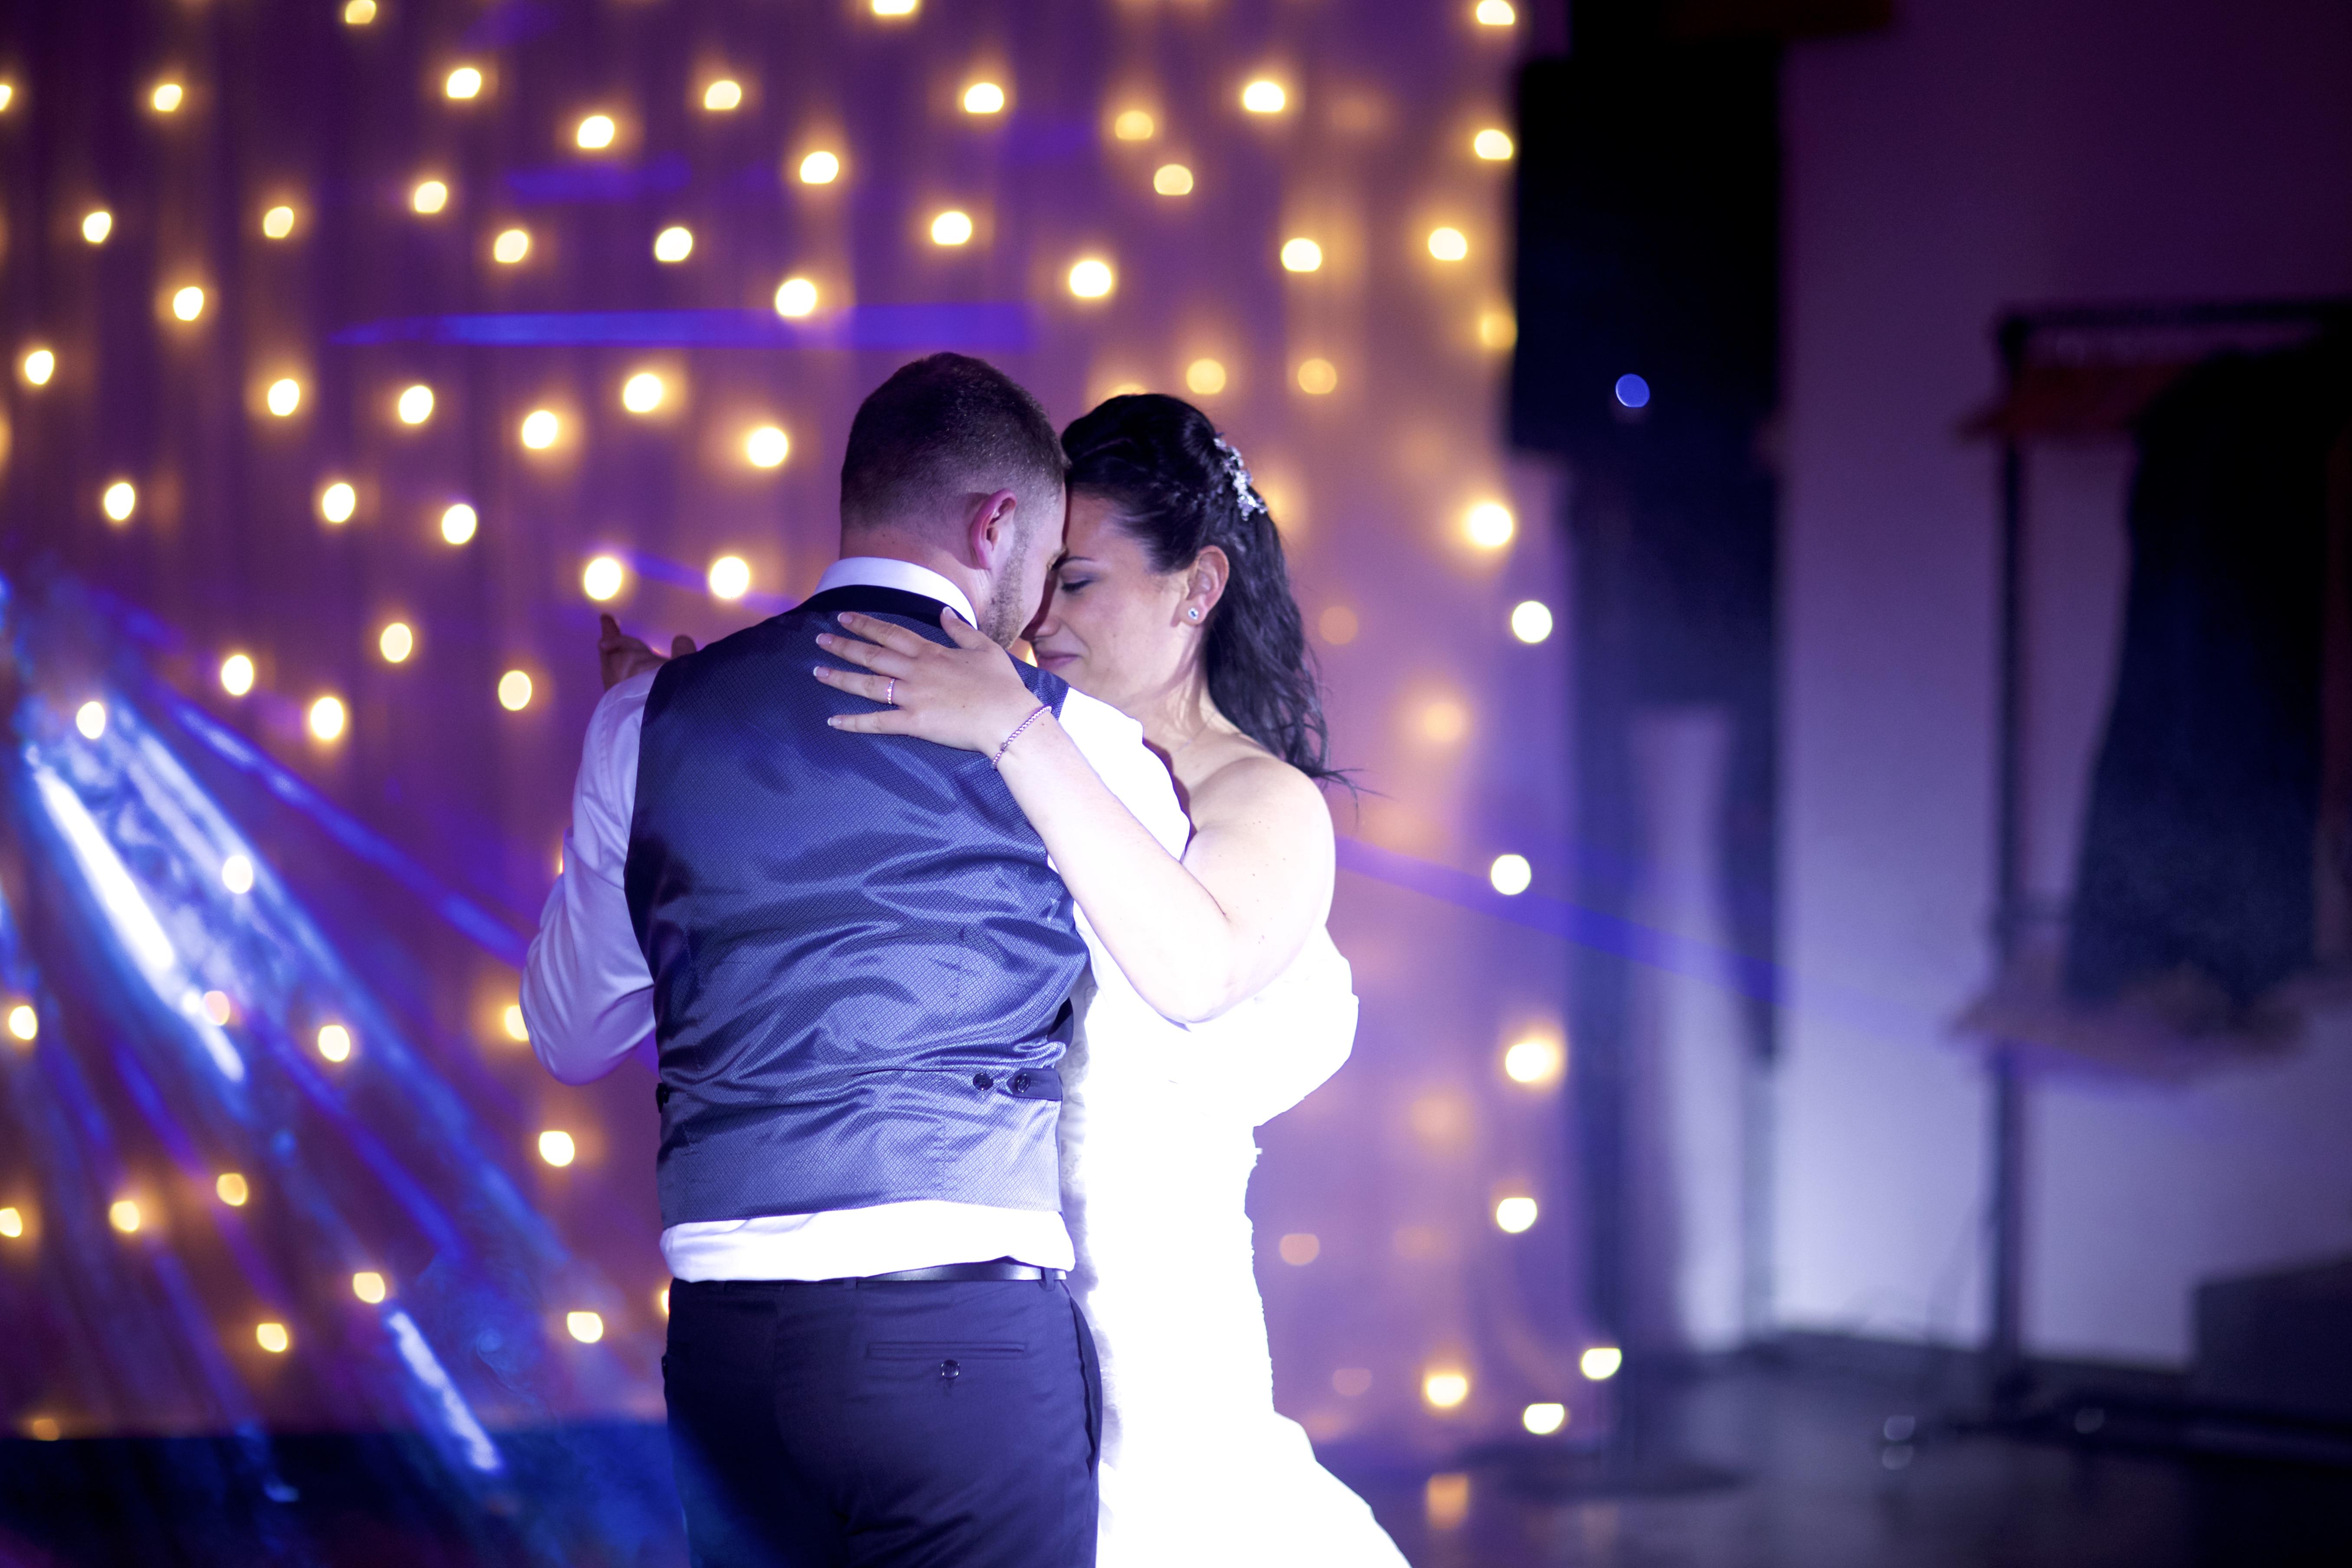 ouverture de bal-montpellier-marie lp-wedding planner